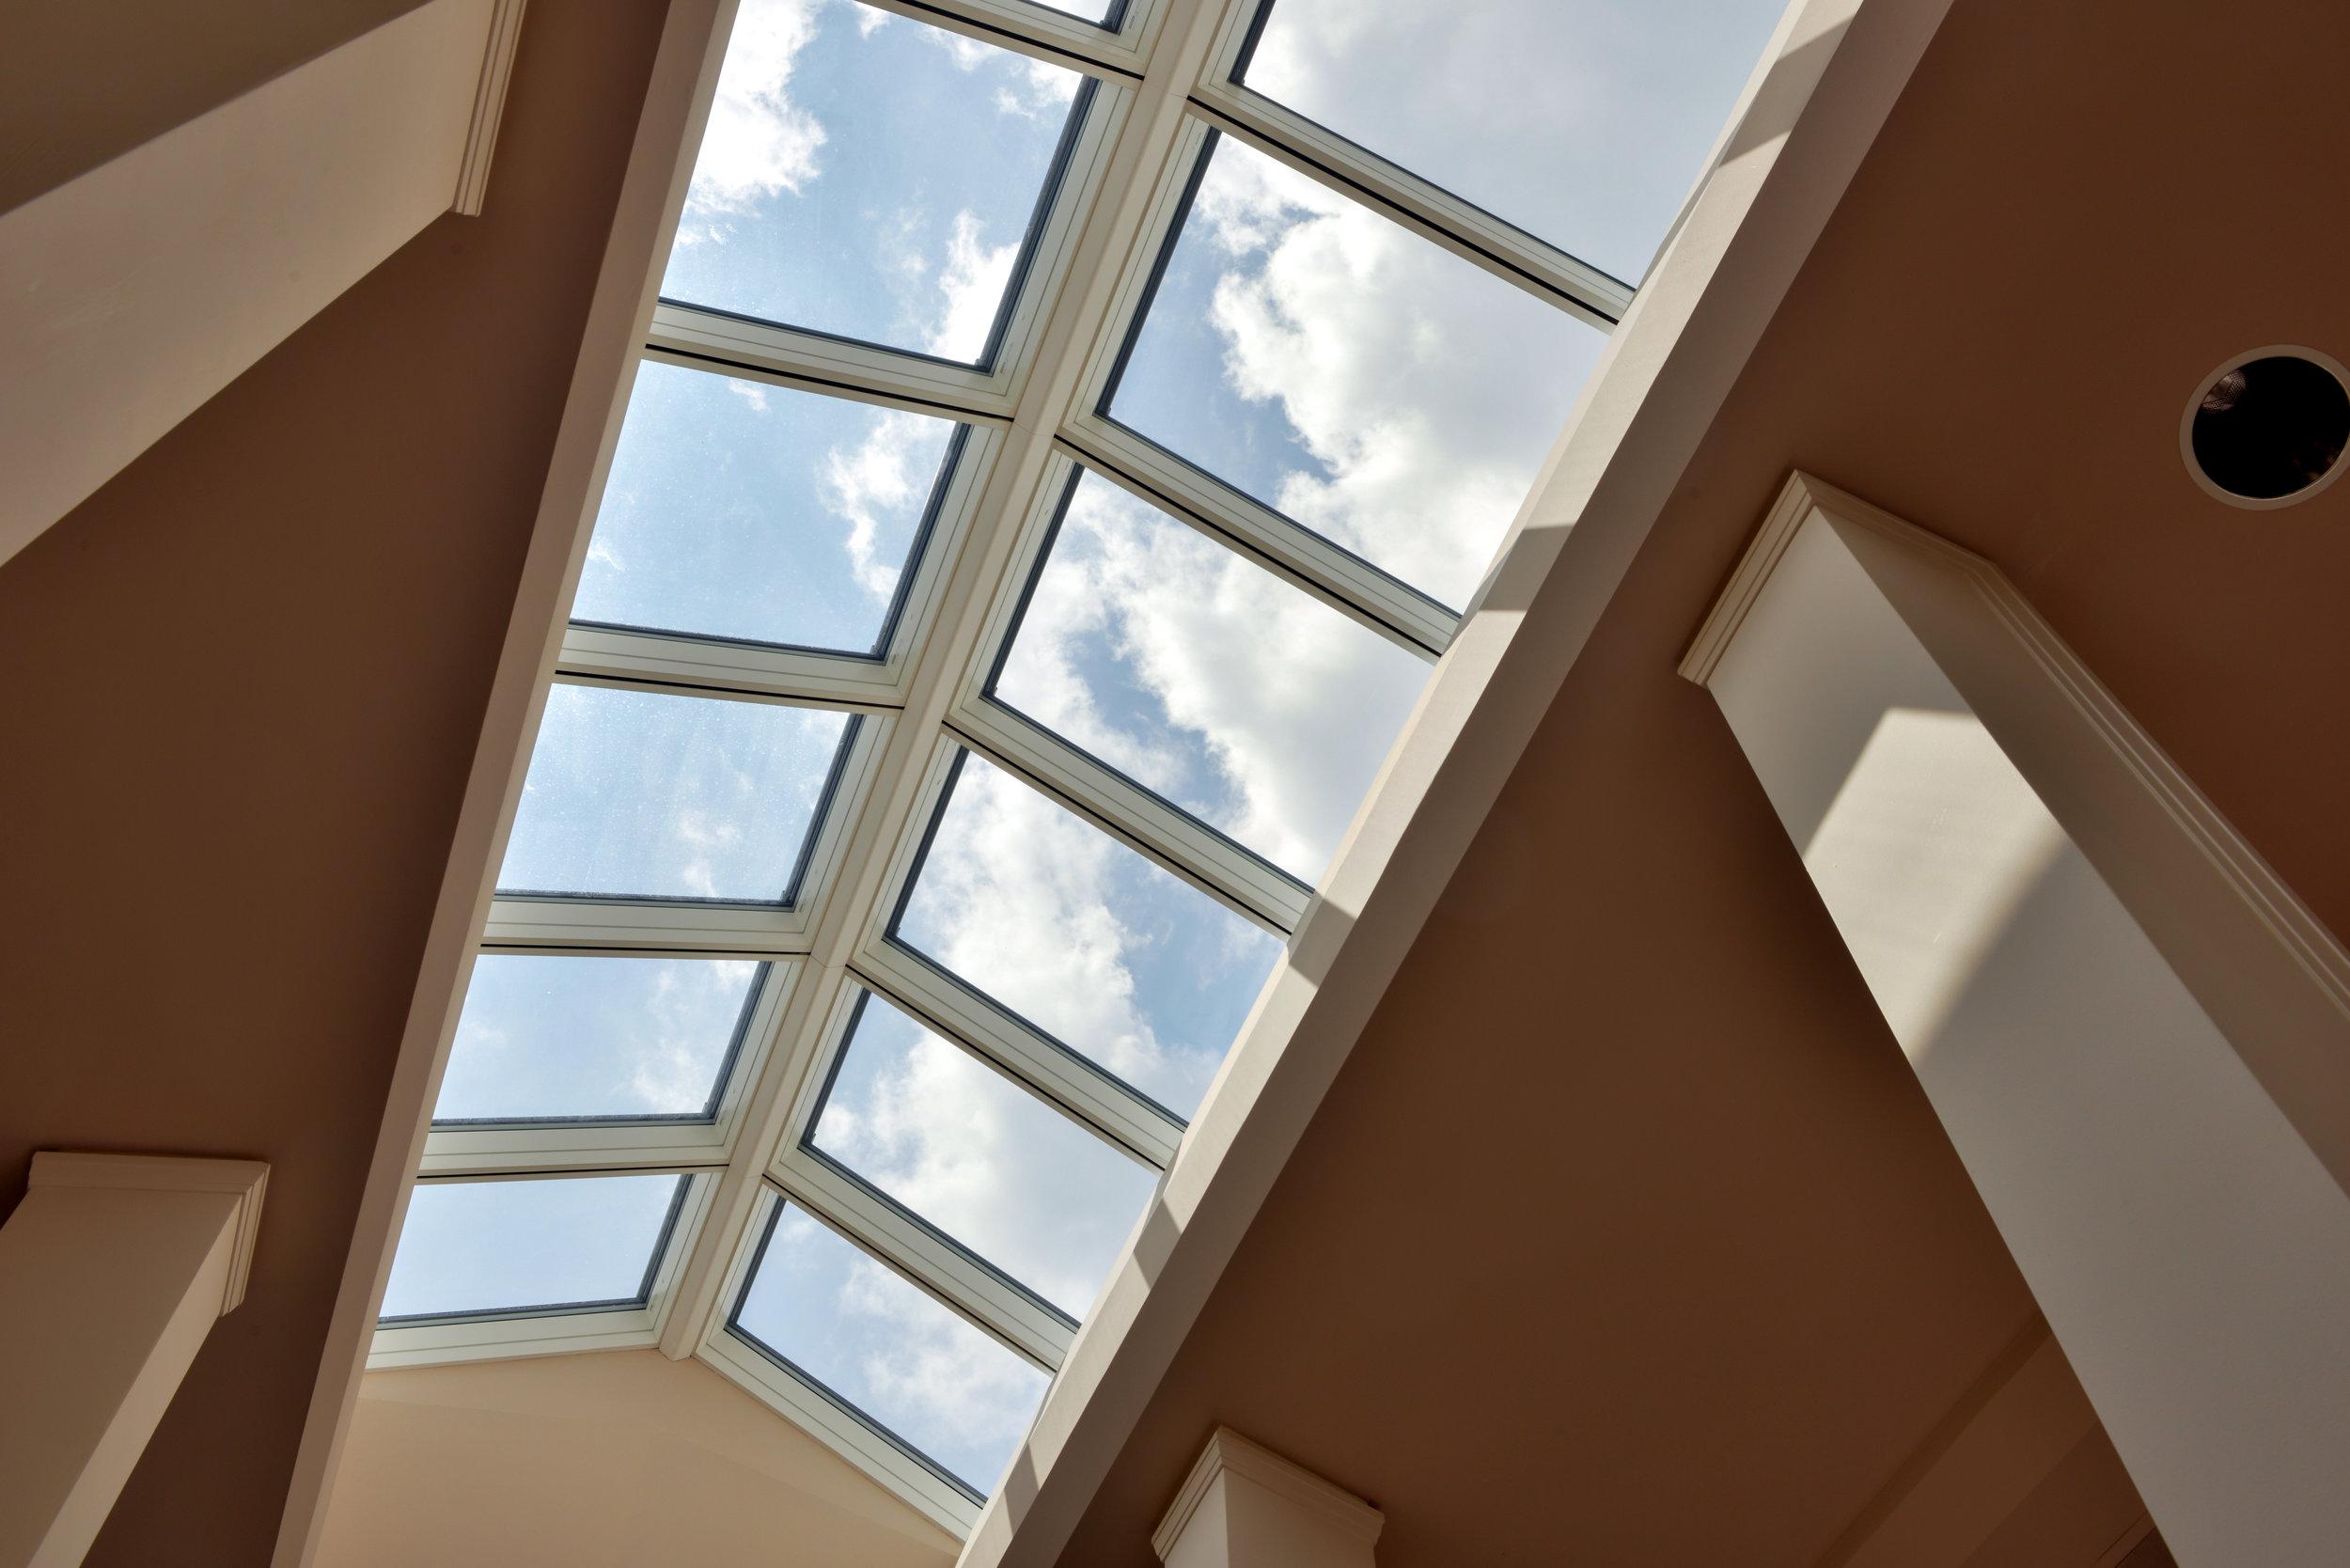 Ridgelight Interior 3.jpg